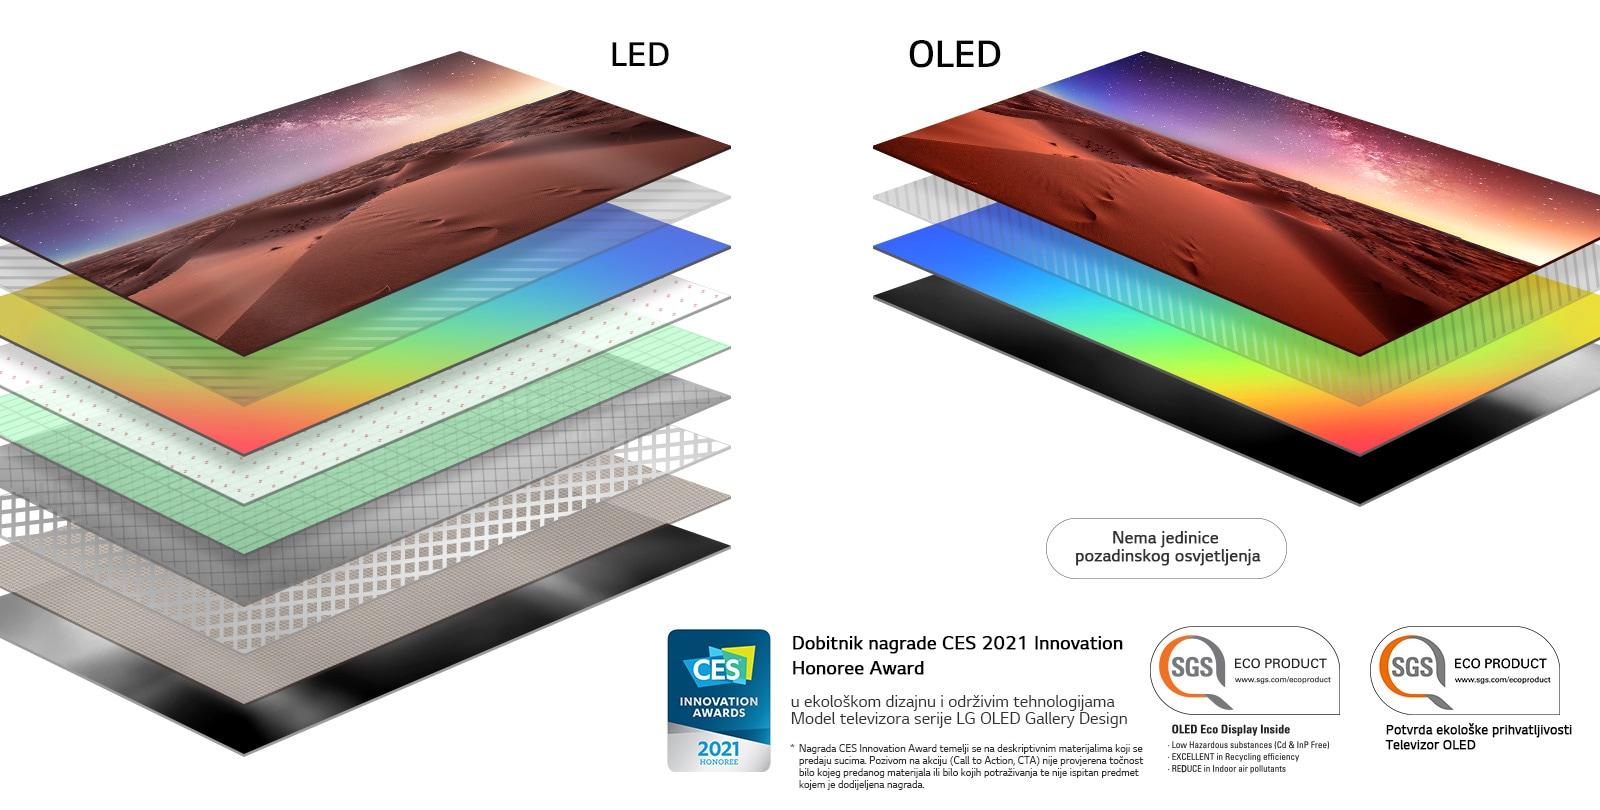 Usporedba sastava sloja zaslona LED televizora s pozadinskim osvjetljenjem i OLED televizora sa samoosvjetljenjem (reproduciraj videozapis)